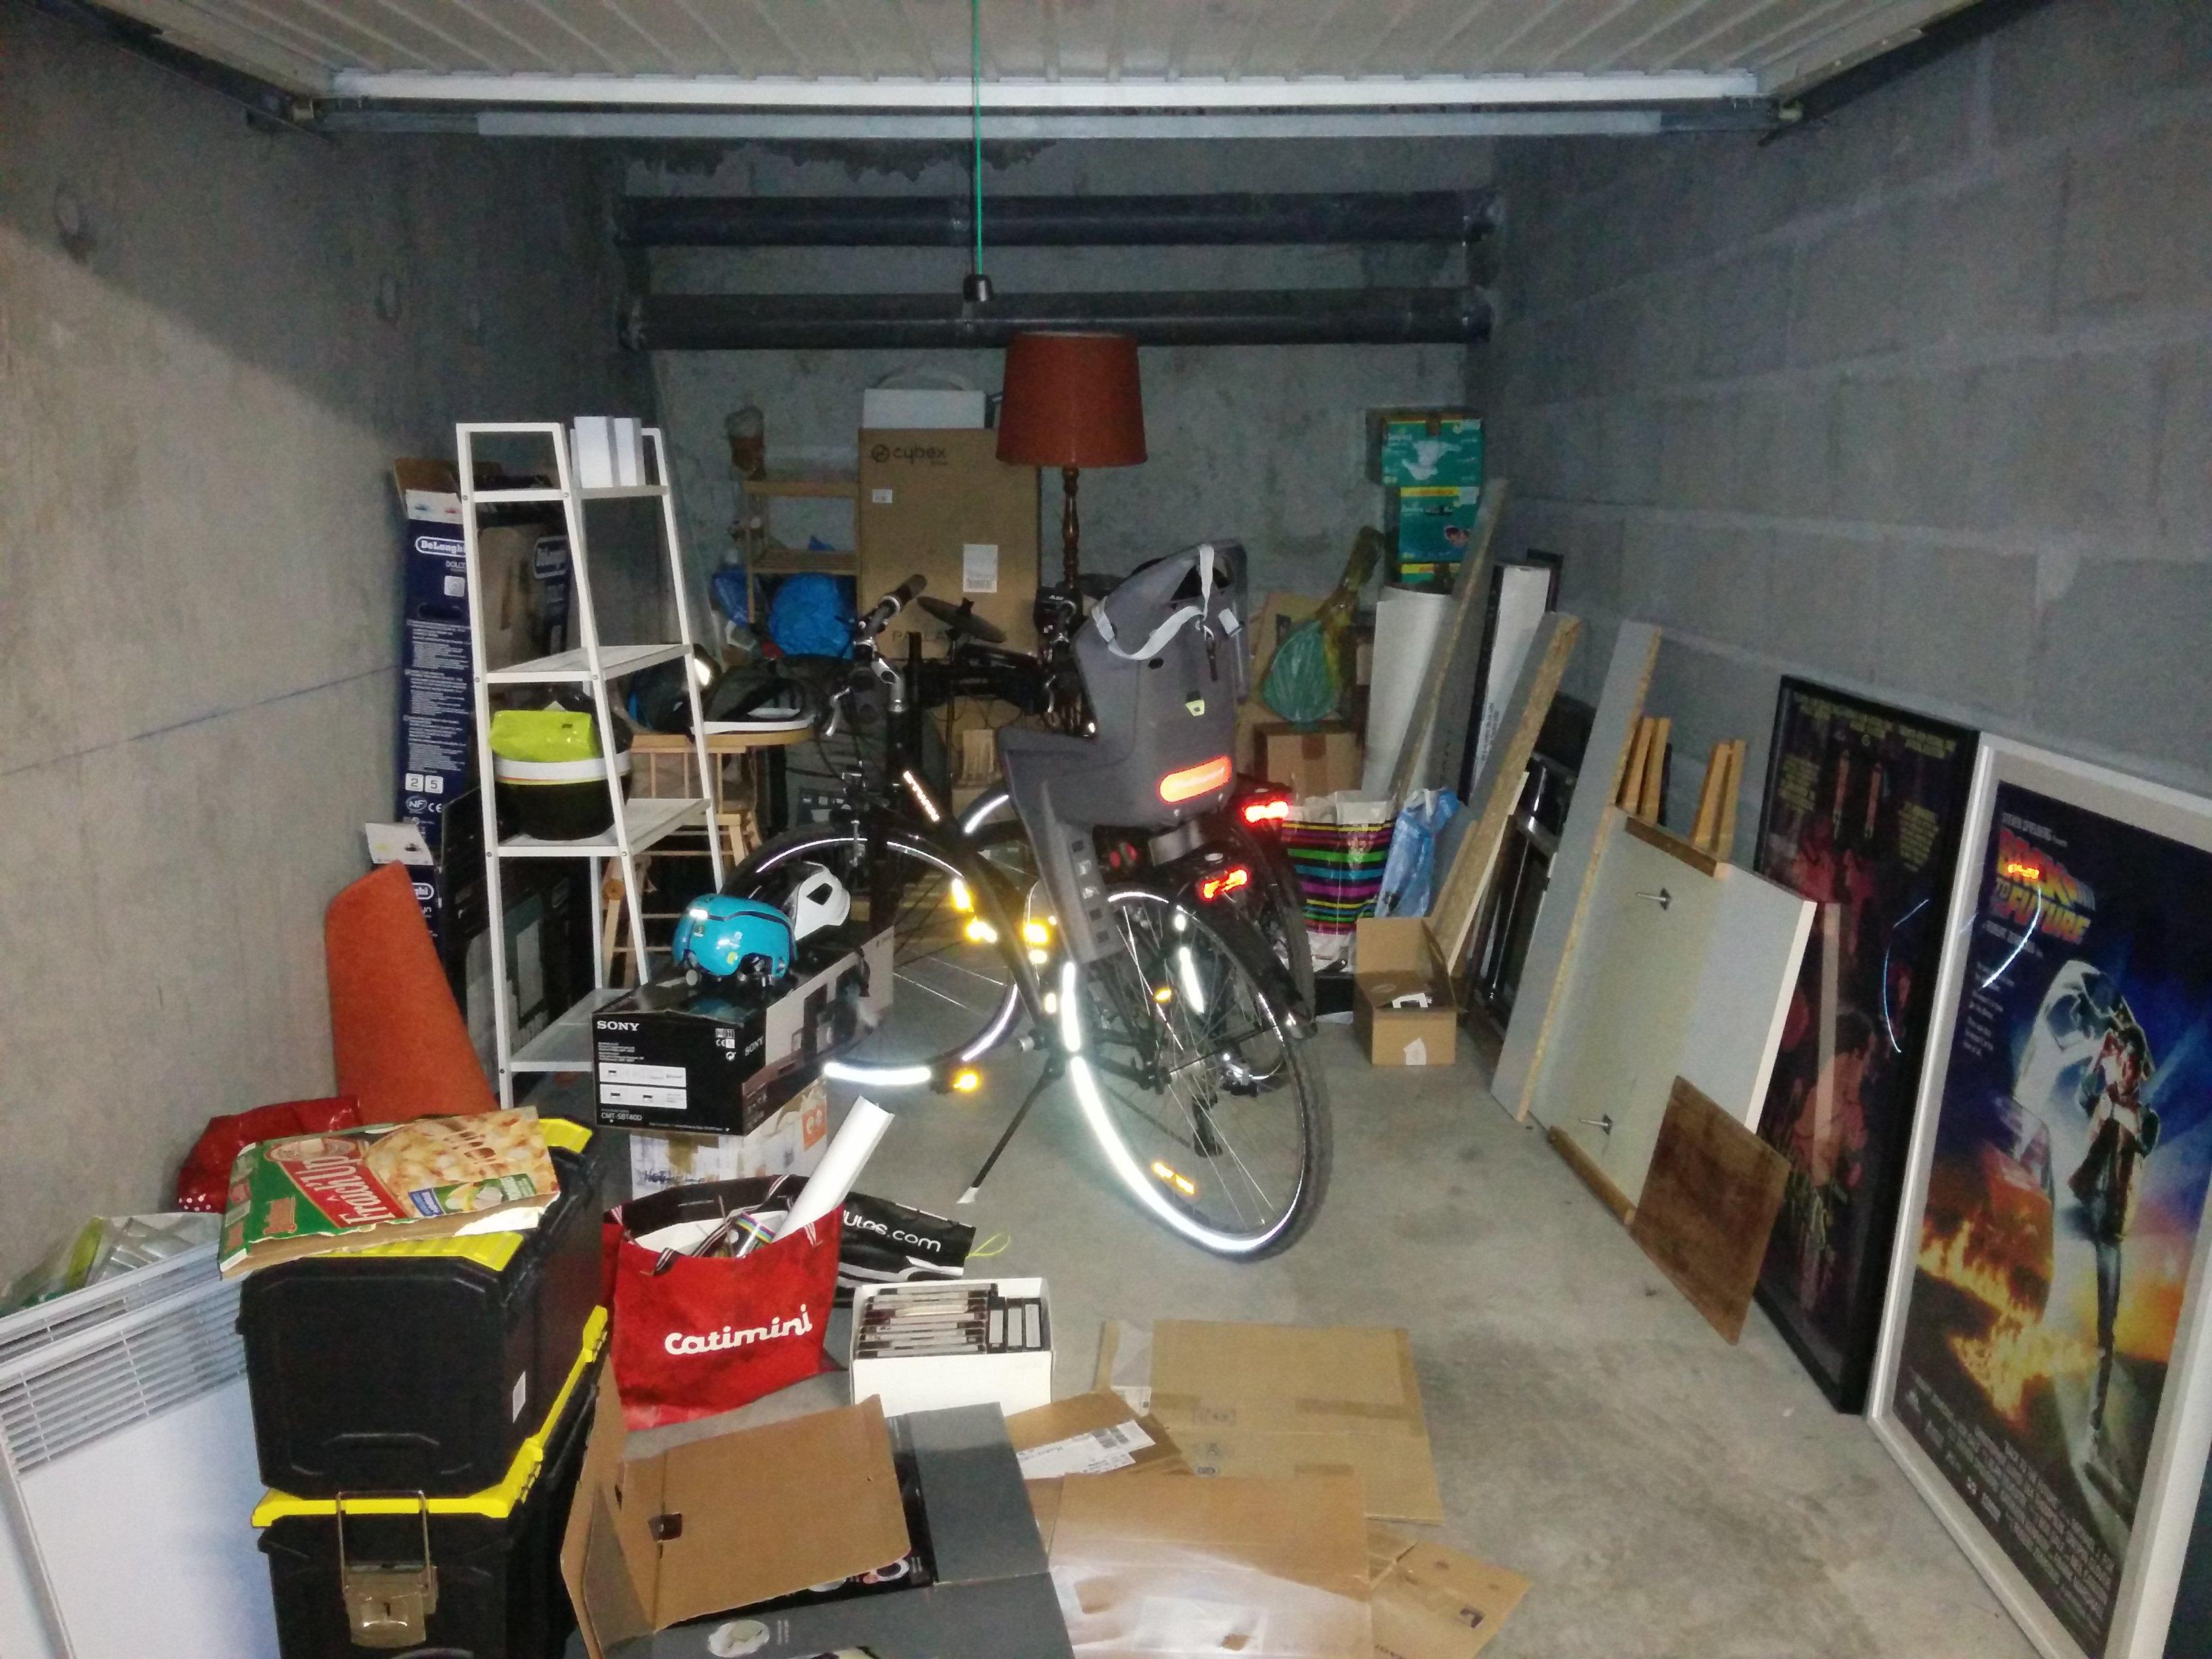 comment-debarrasser-efficacement-son-garage